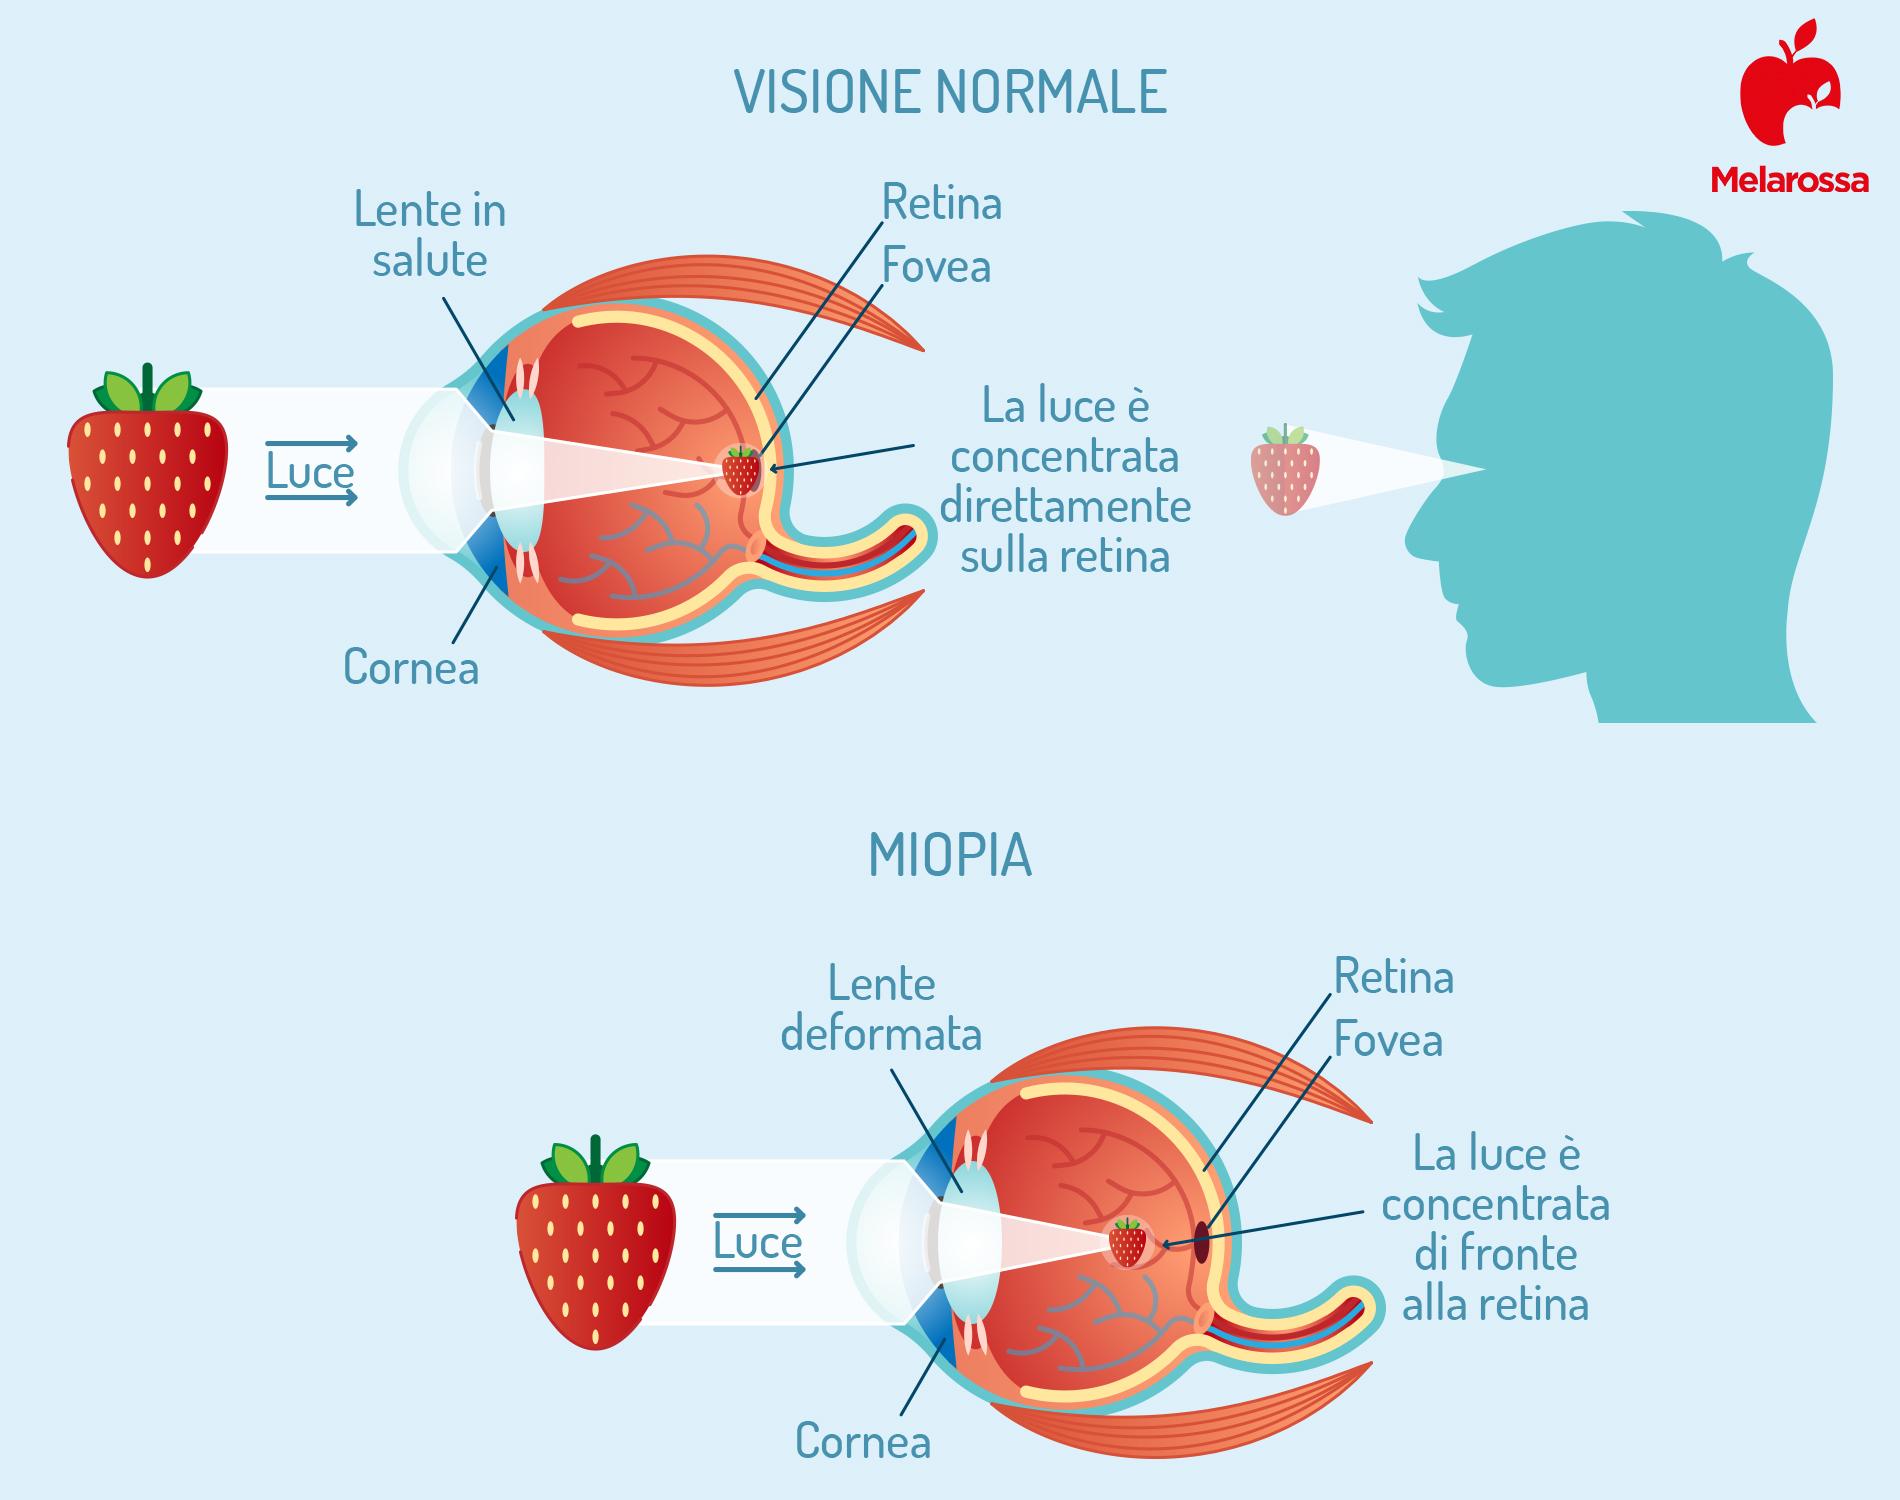 miopía: características